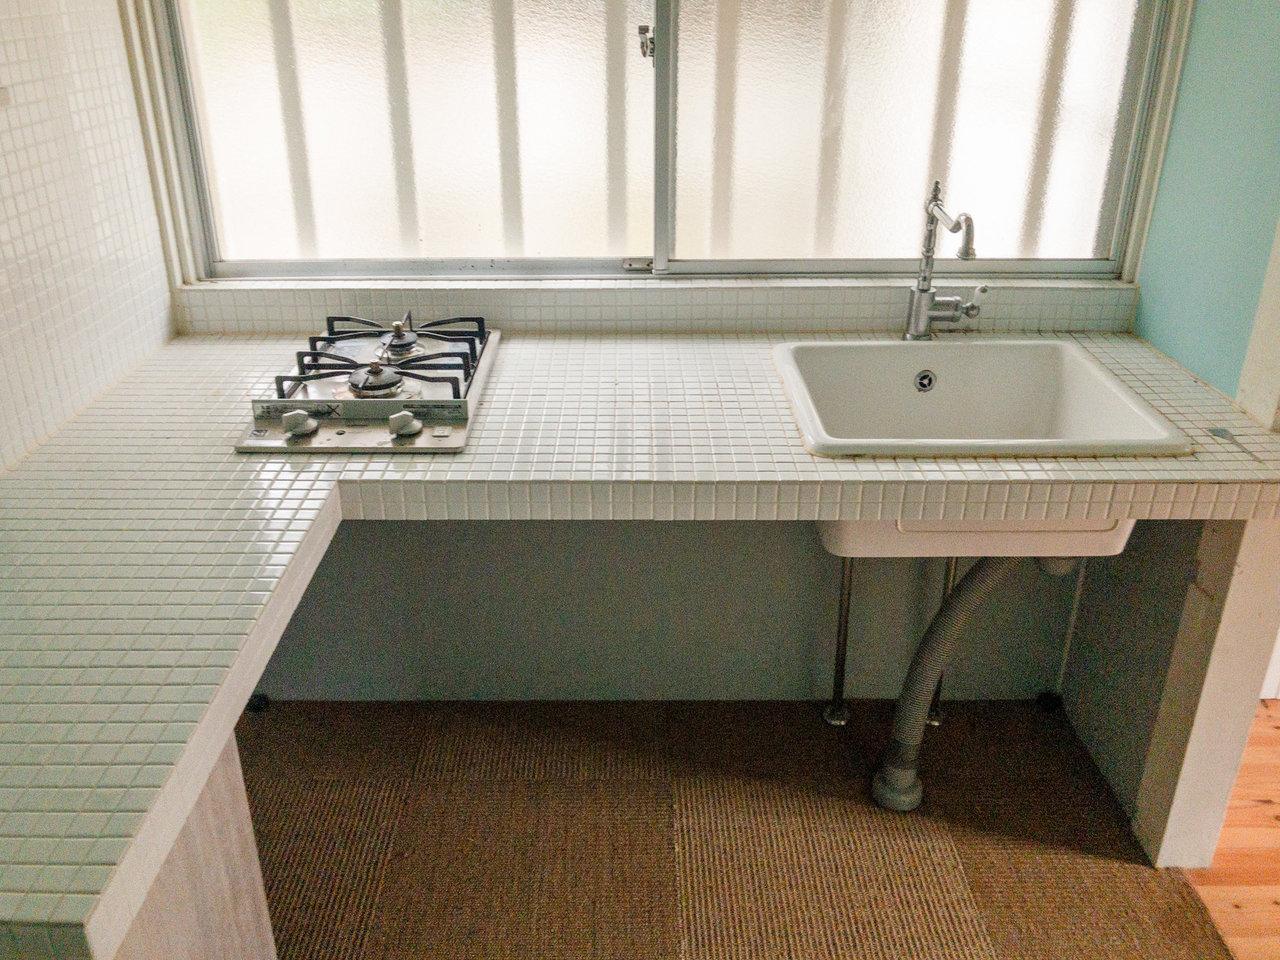 さて、もうひとつ素敵なのがこのキッチン。L字型で白いタイルが敷き詰められています。こんなところで料理をするの、憧れだな~。